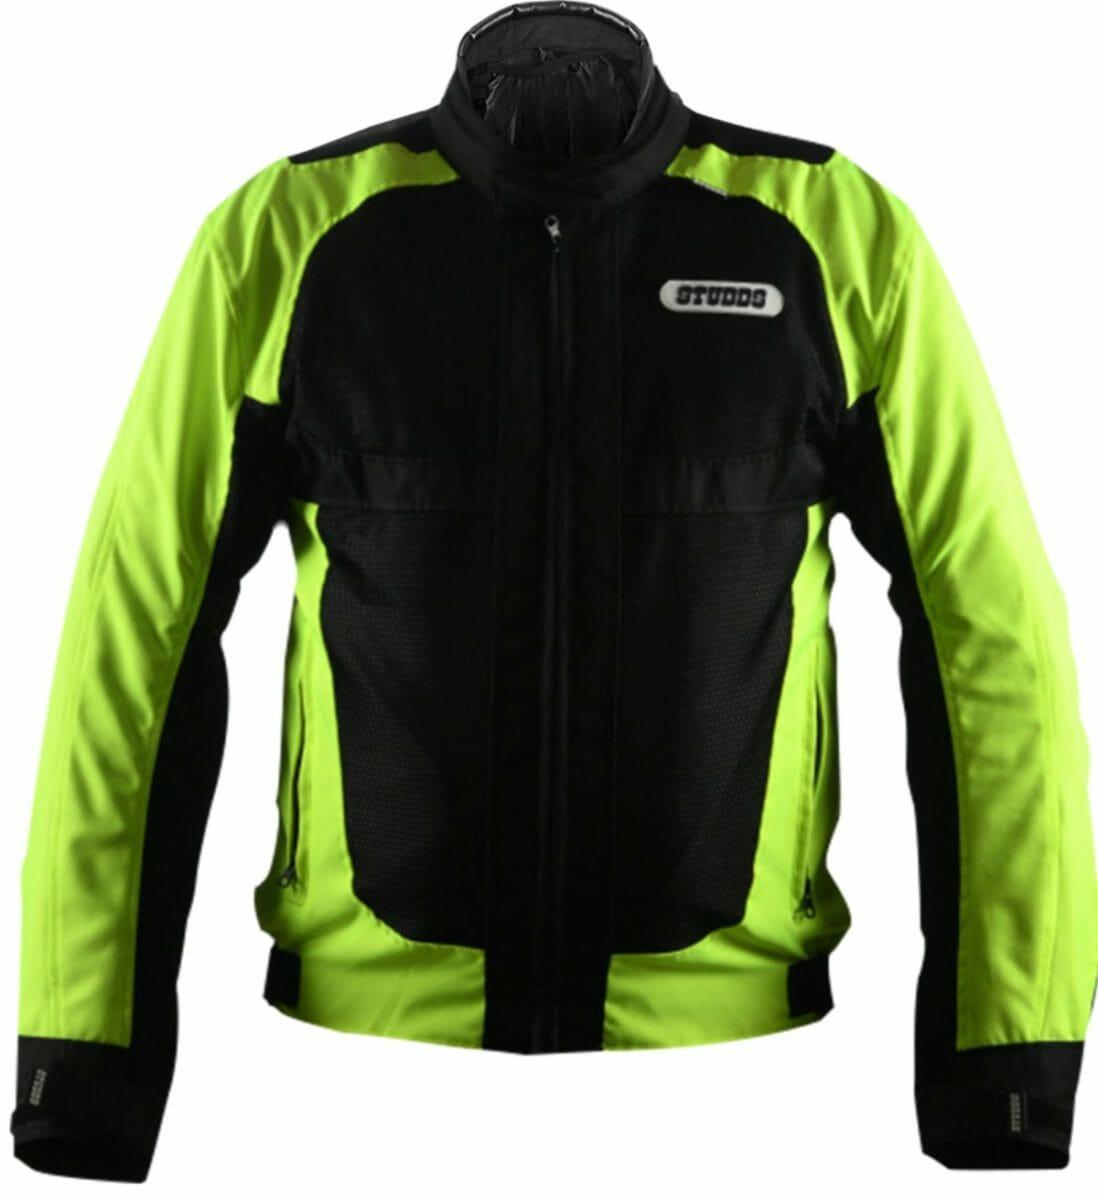 Studds riding jacket